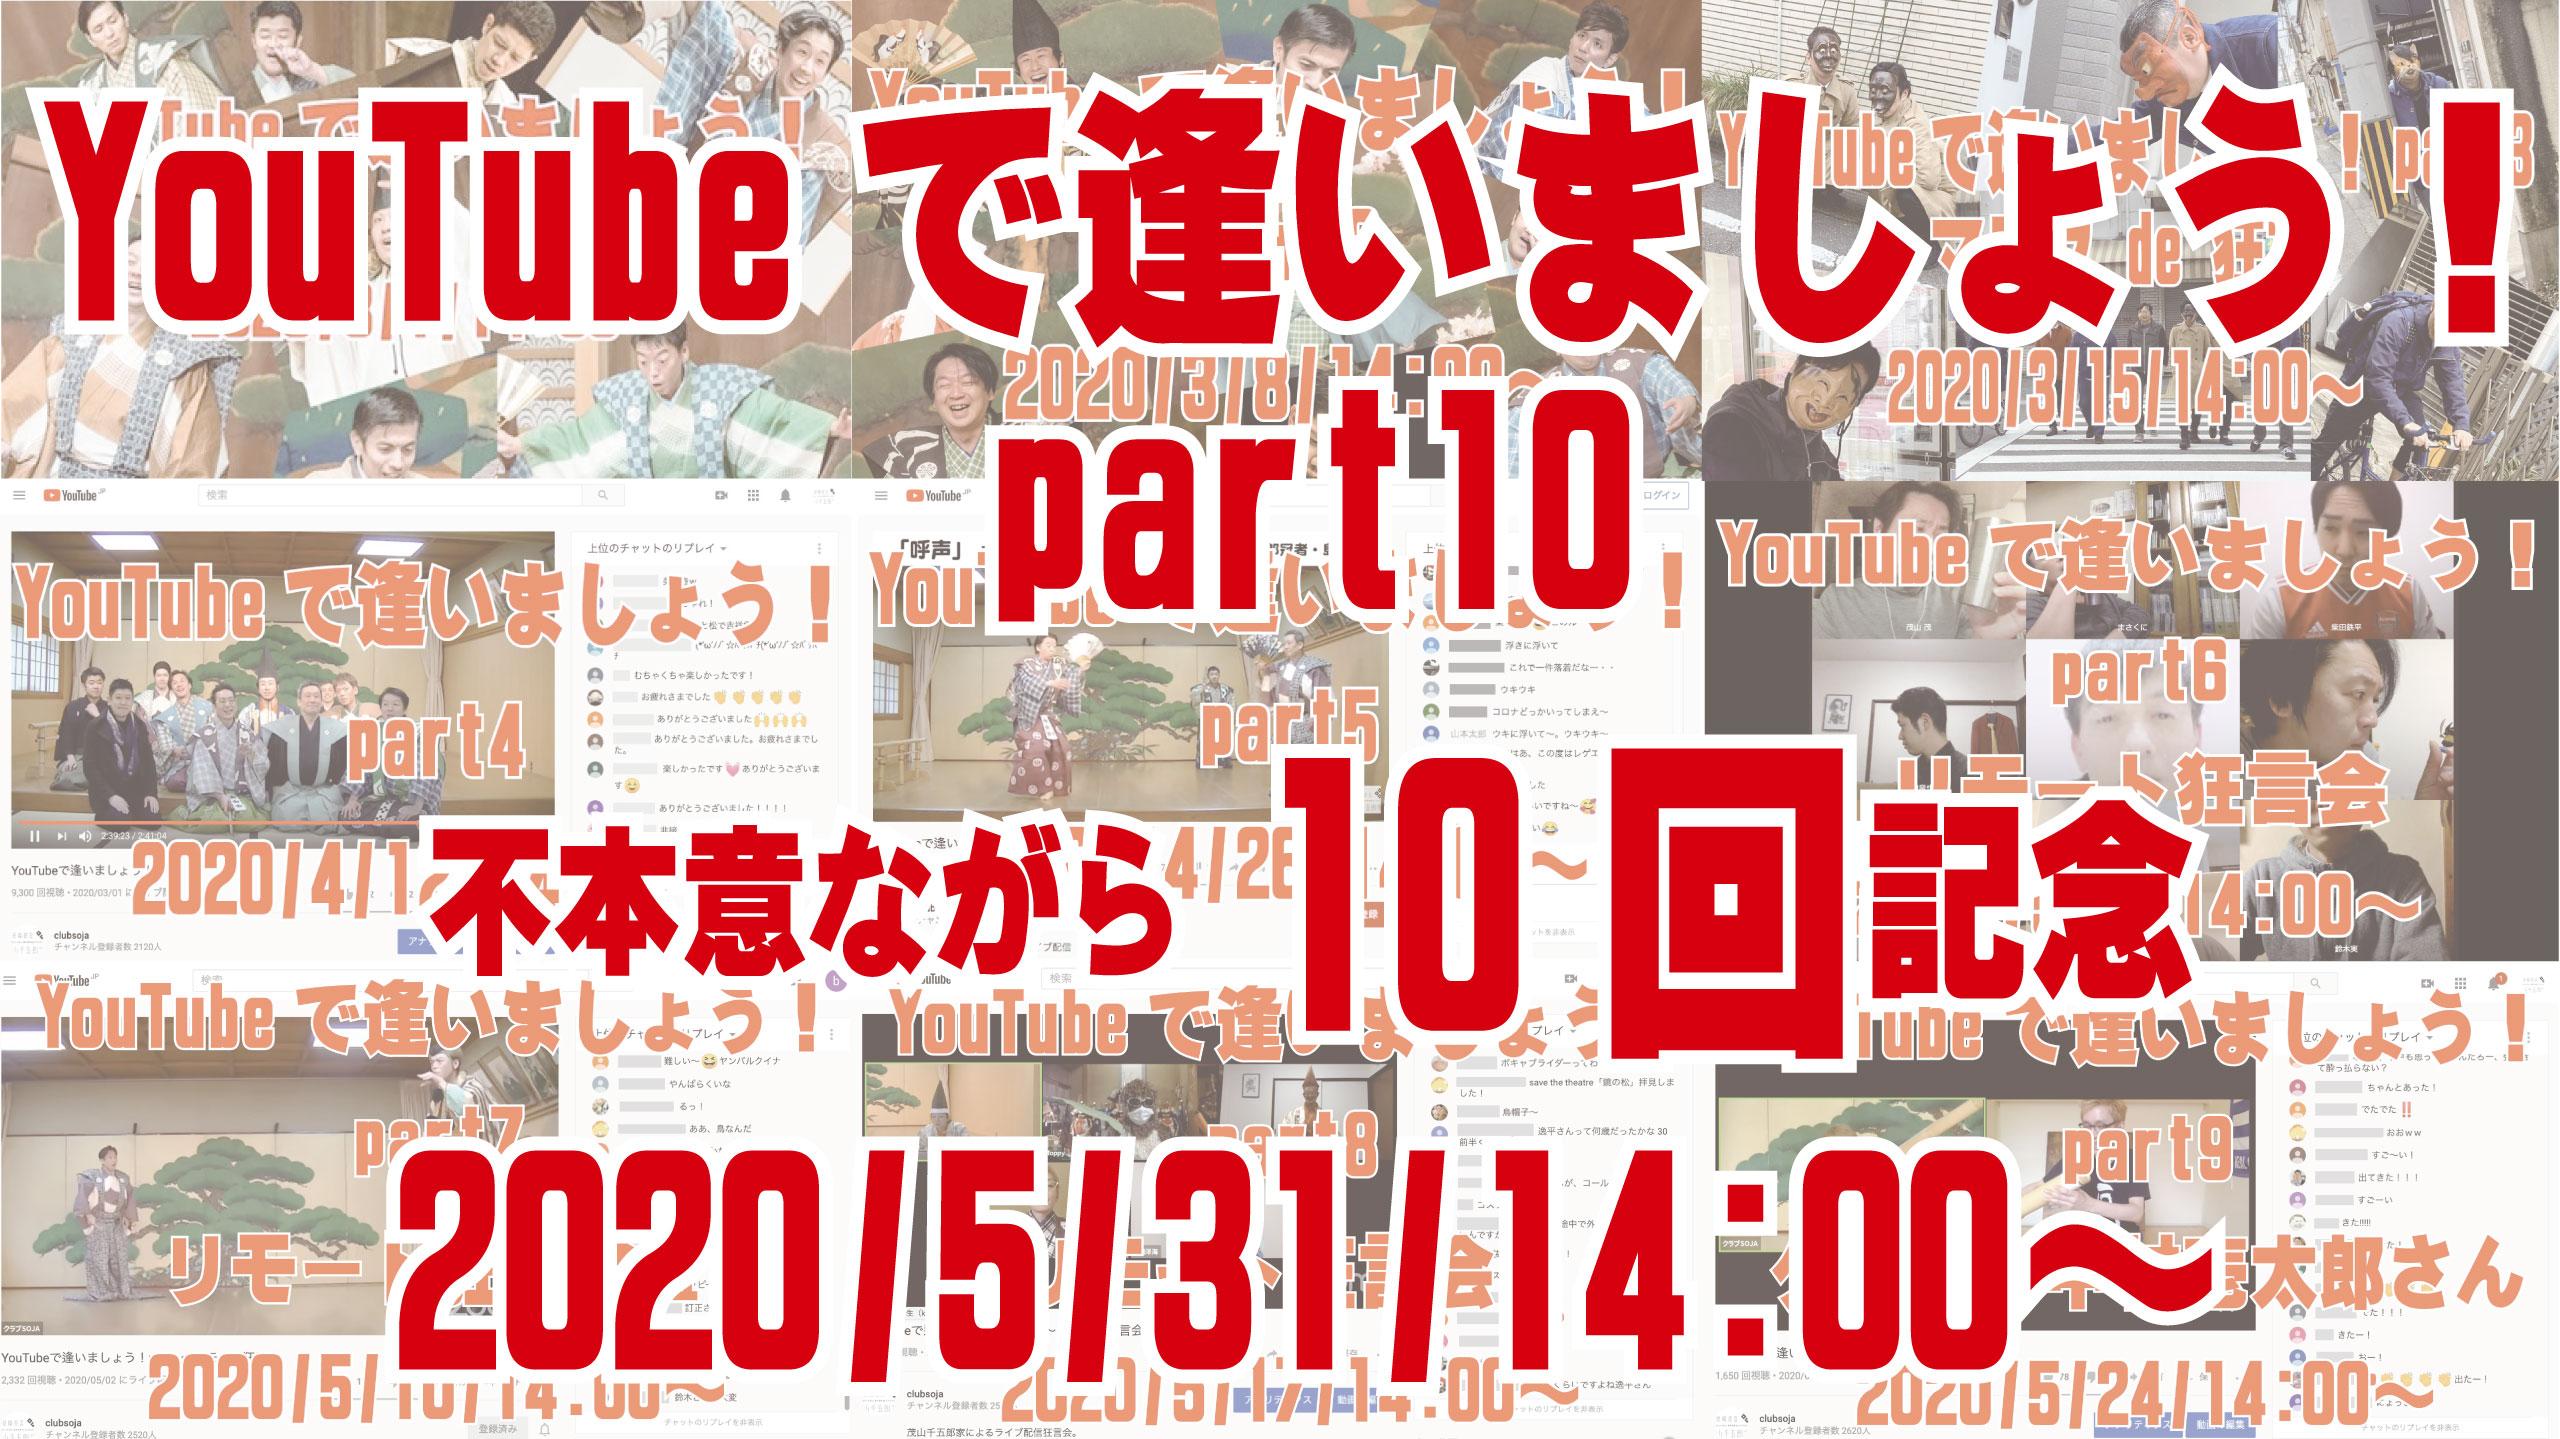 YouTubeで逢いましょう!part10